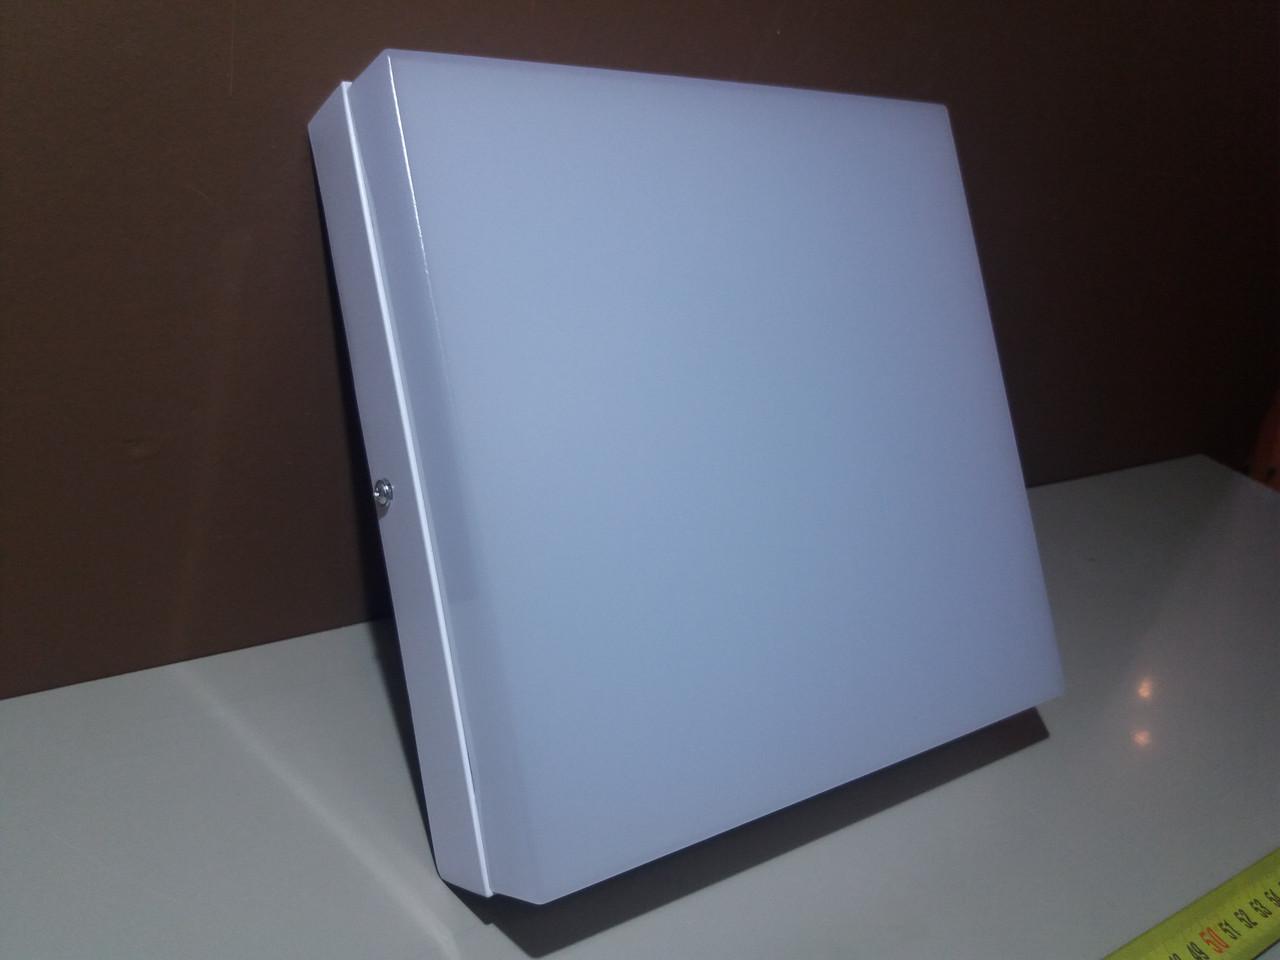 Лед Светильник накладной 18вт квадратный